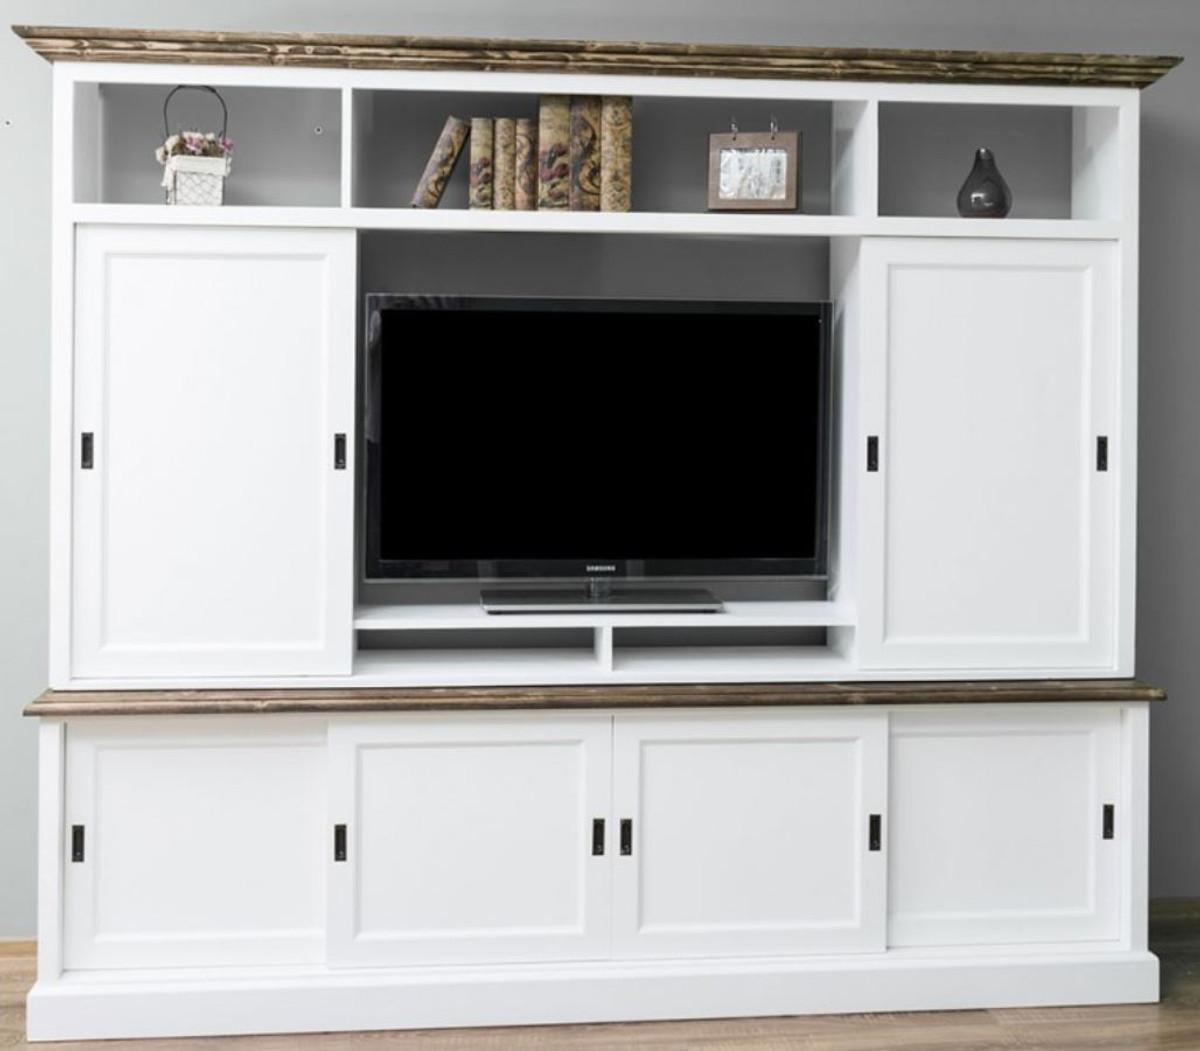 Casa Padrino Landhausstil Fernsehschrank mit 6 Schiebetüren Weiß / Braun 254 x 46 x H. 210 cm - Massivholz TV Schrank - Wohnzimmerschrank - Landhausstil Wohnzimmermöbel 1